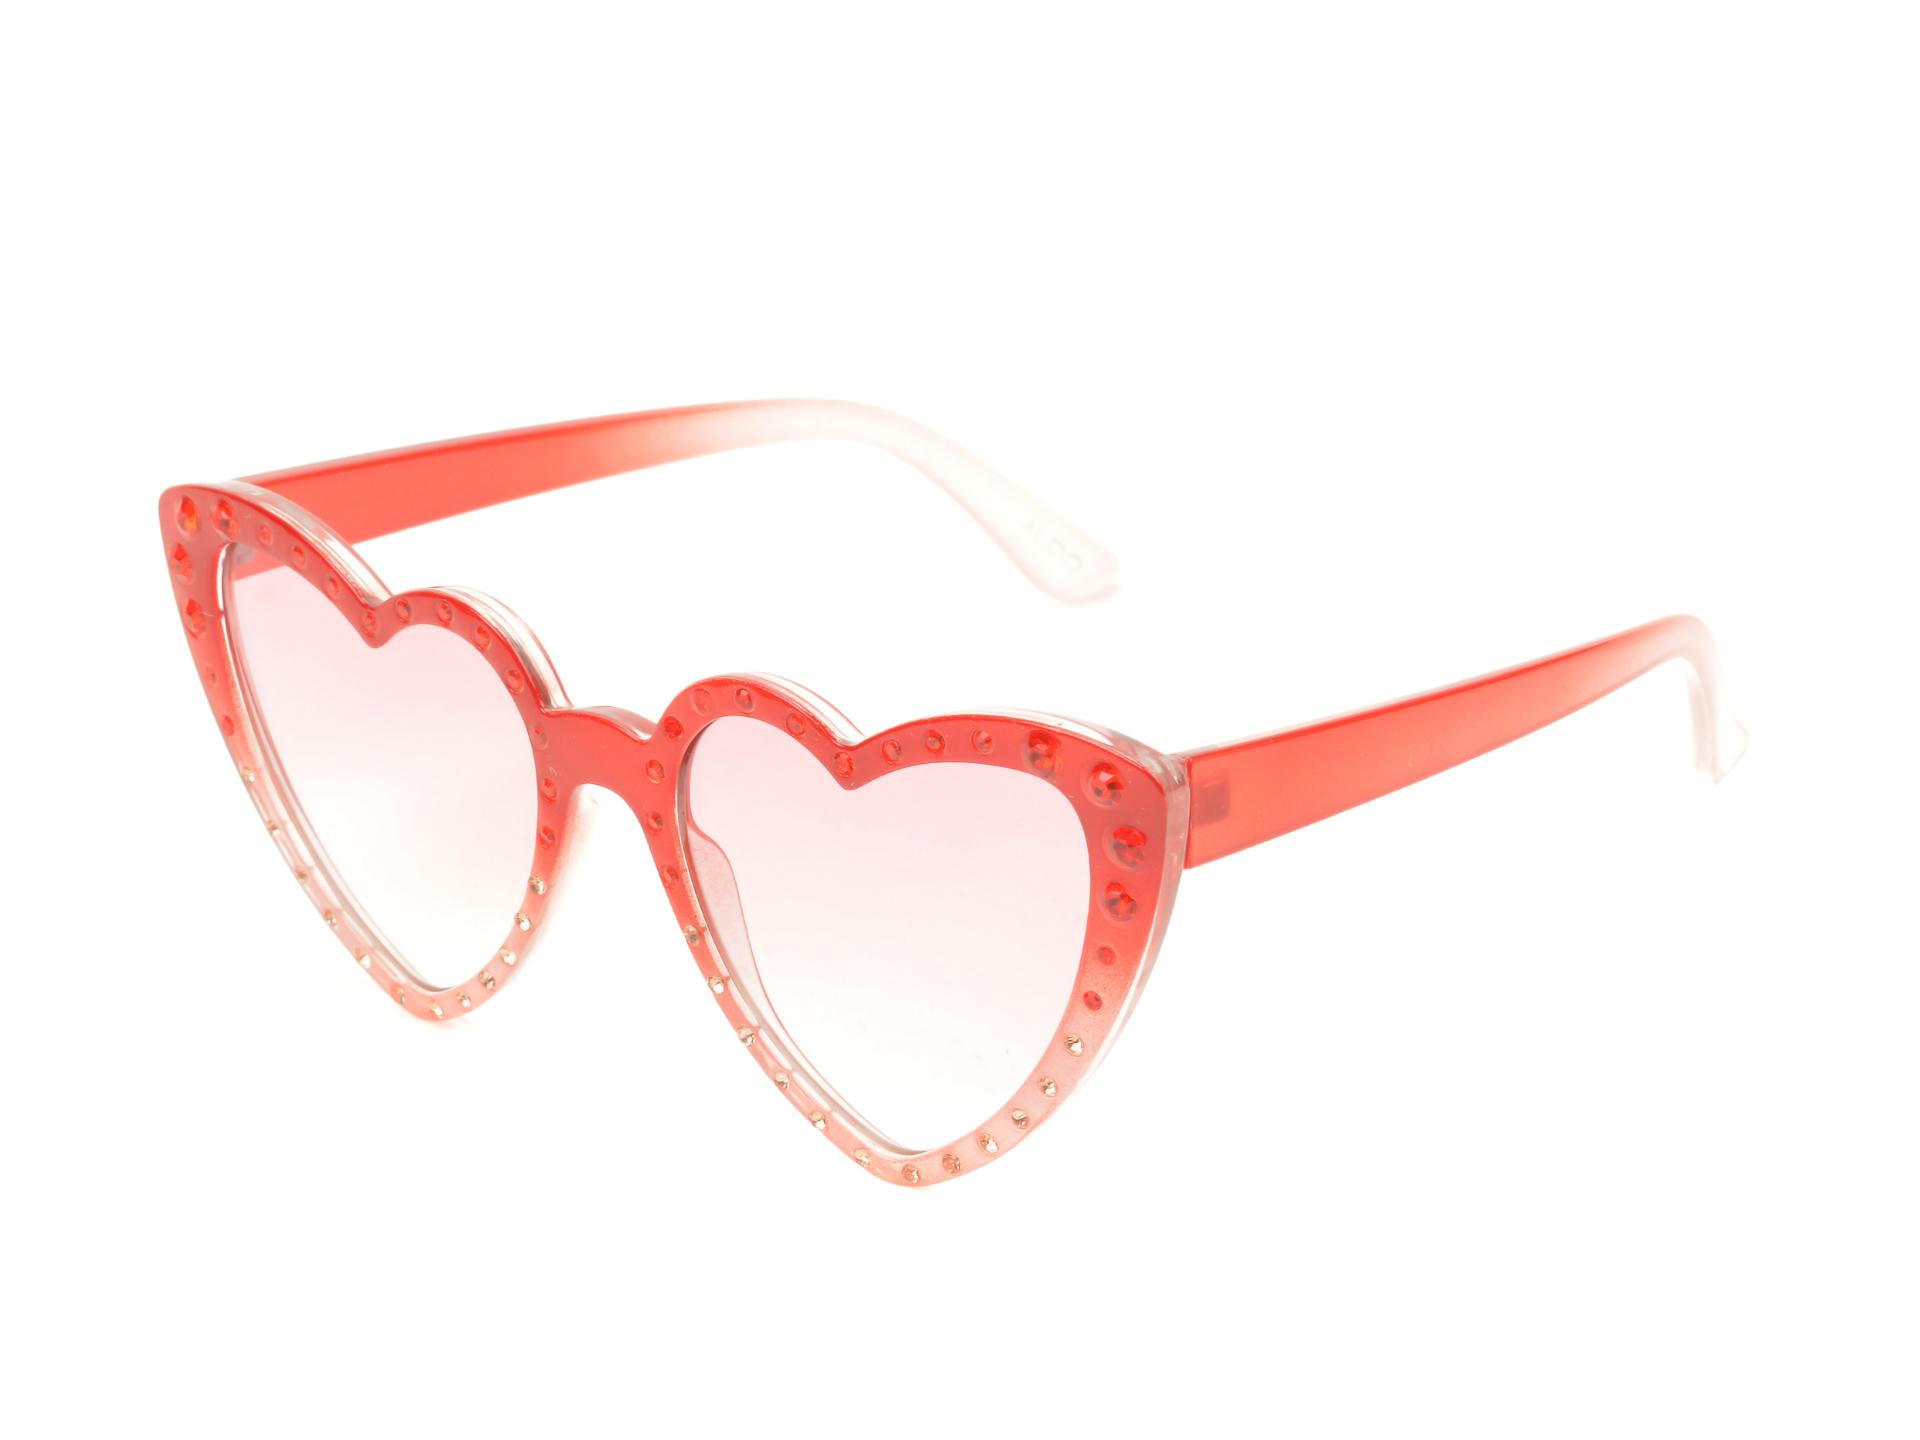 Ochelari de soare ALDO rosii, Grimstone600, din PVC imagine otter.ro